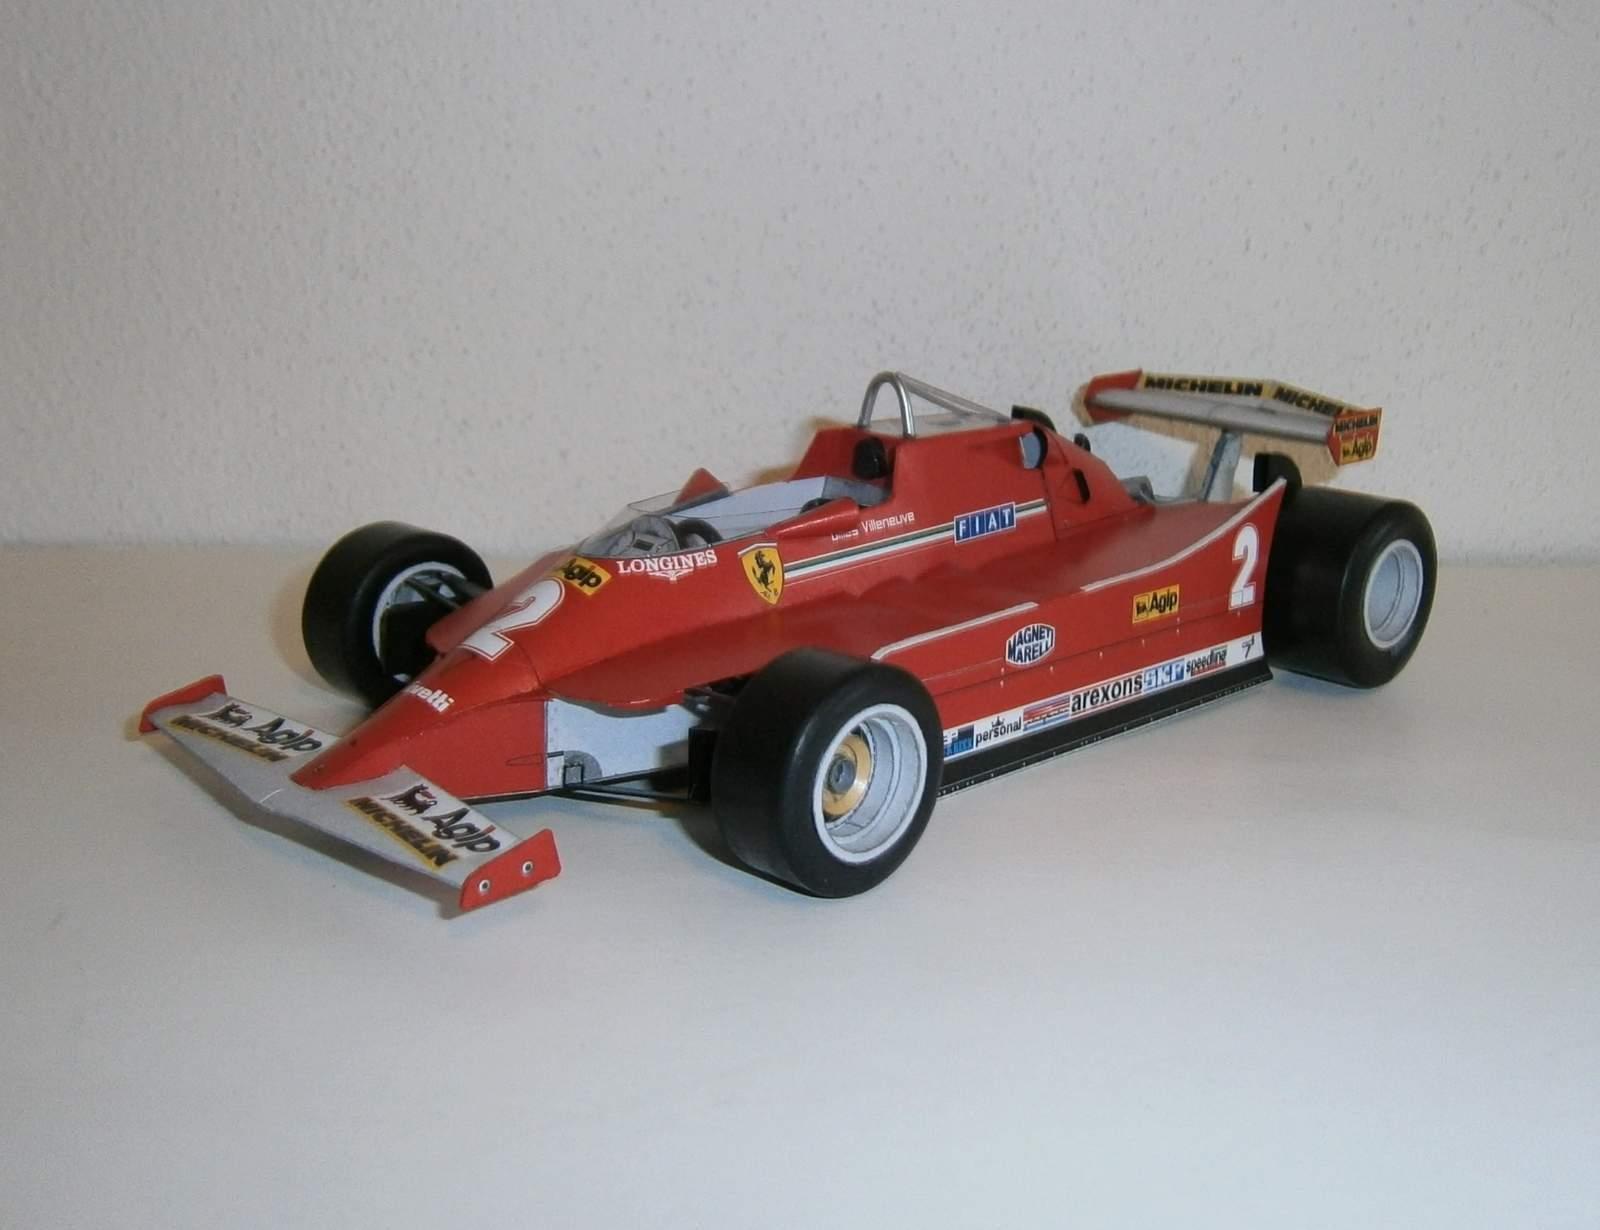 Ferrari 126C - G.Villeneuve,GP Italy-practice 1980